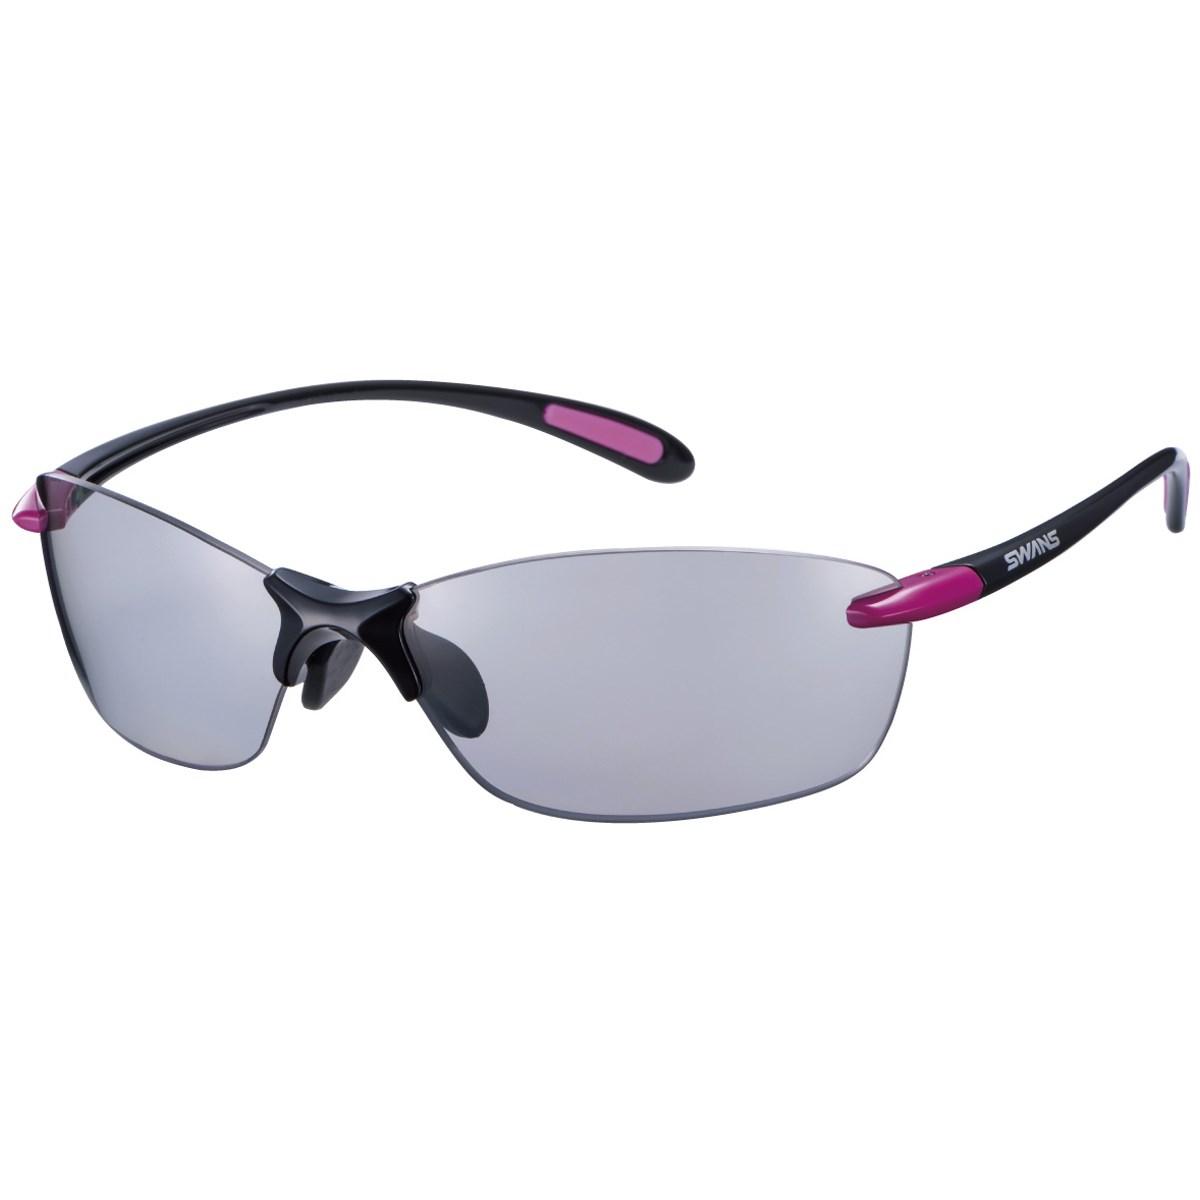 SWANS スワンズ 偏光レンズ スポーツサングラス ブラック/ブラック